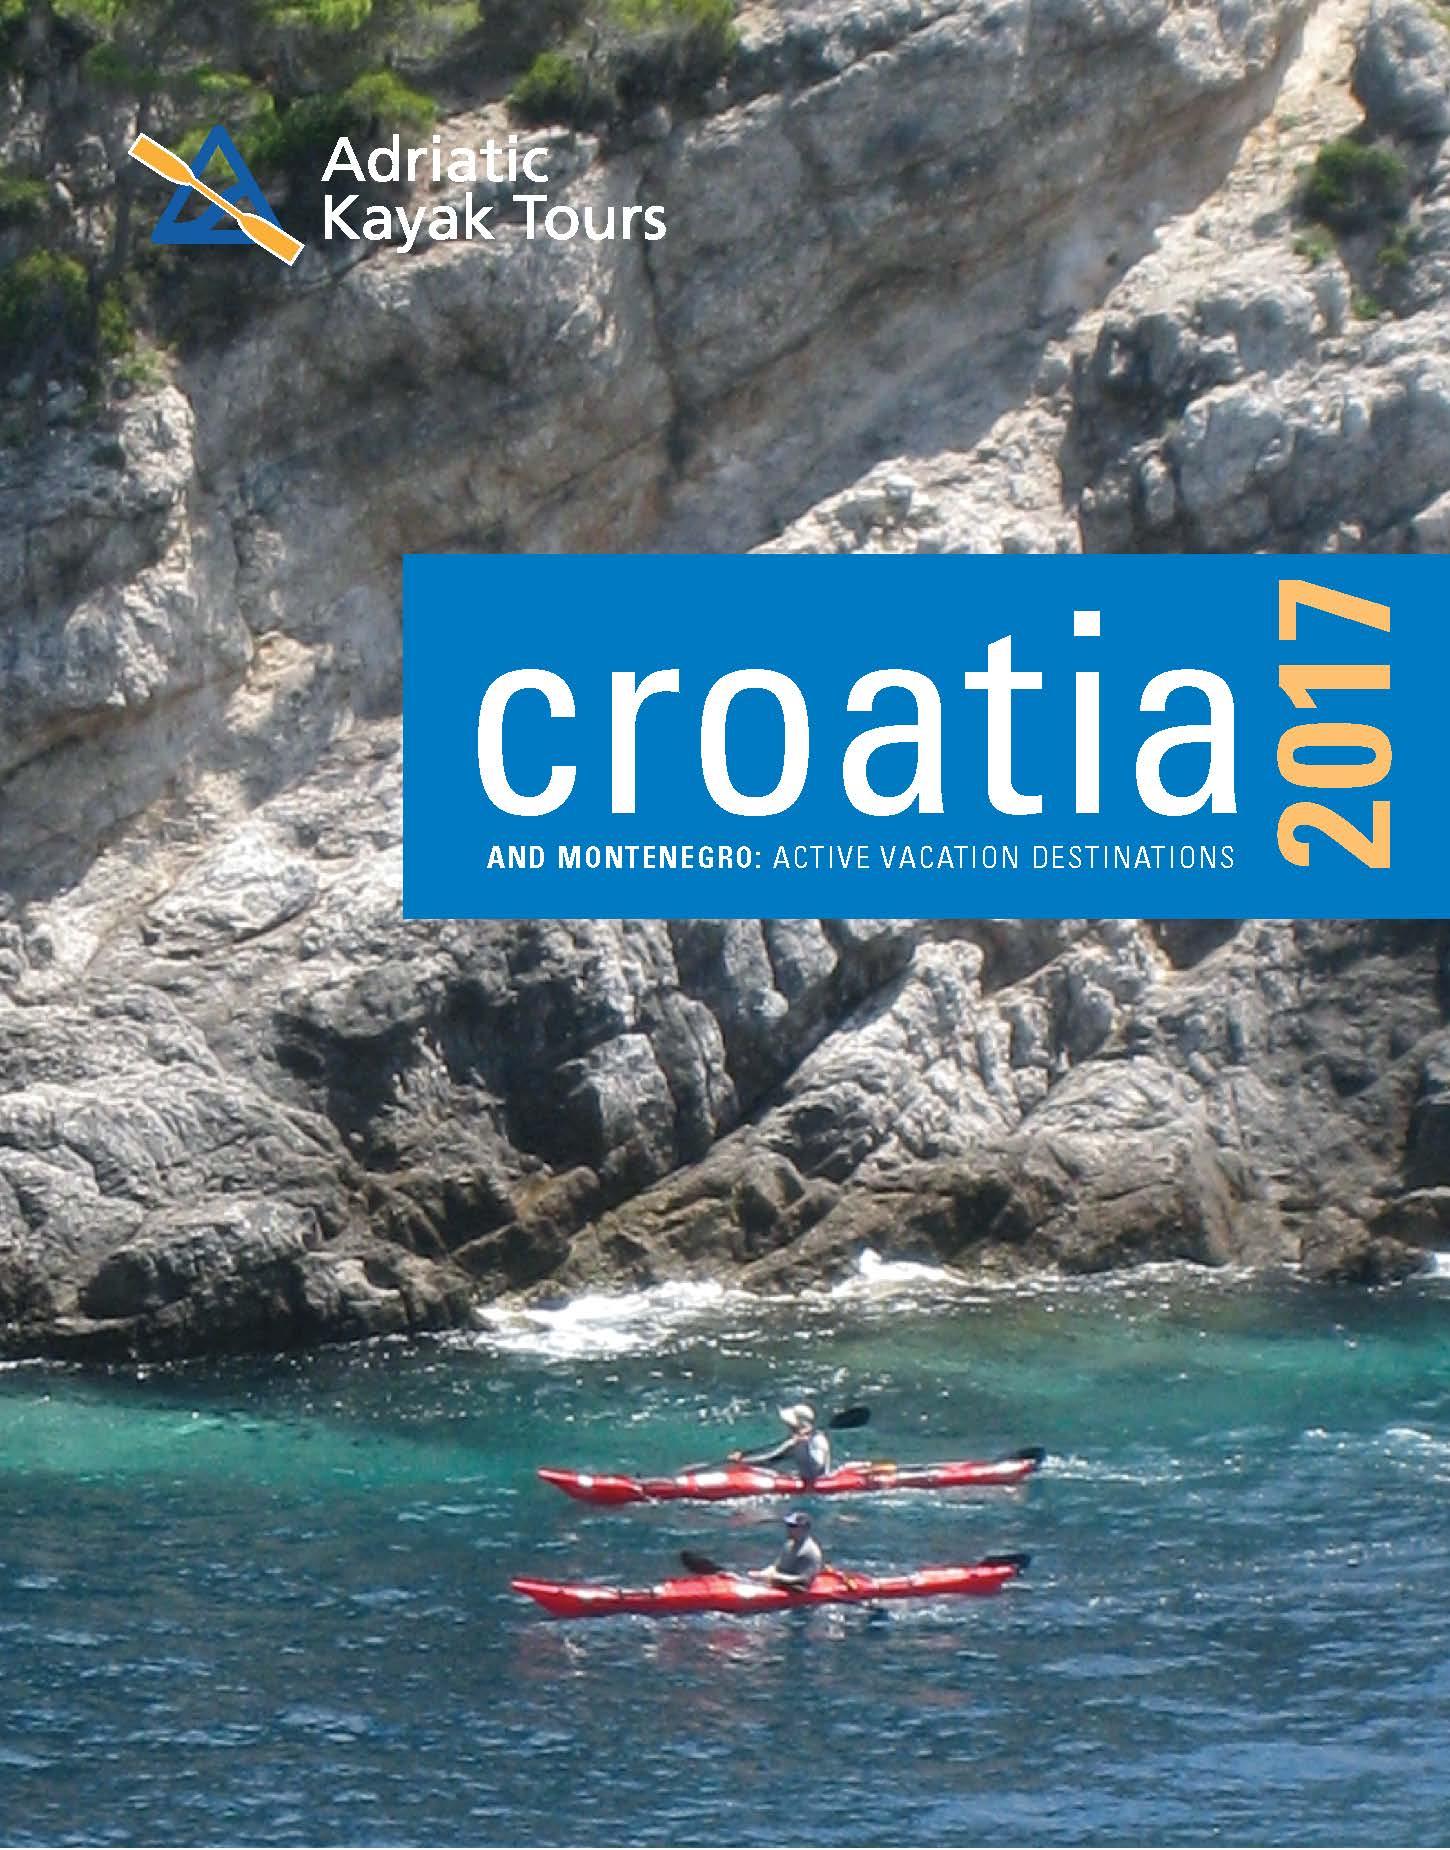 COVER from AKT_catalog_2017.jpg